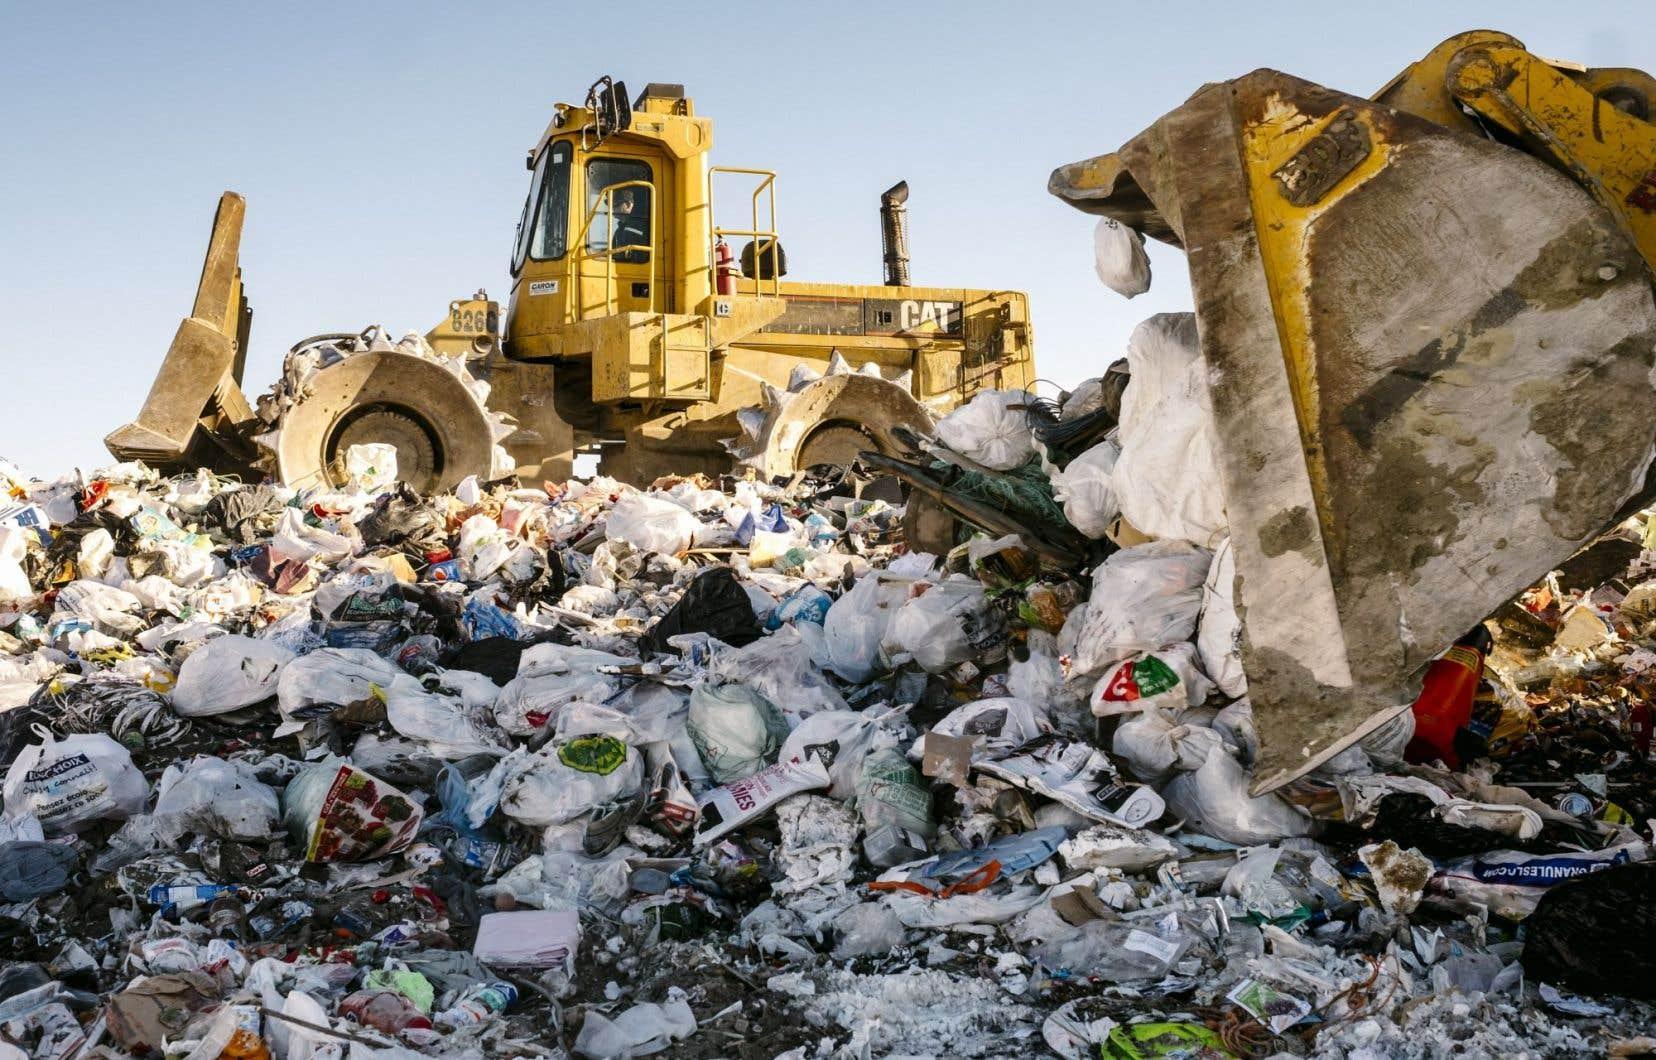 Au cours des prochaines années, les villes de la CMM se doteront d'usines de compostage et de biométhanisation afin de traiter les matières organiques recueillies de porte en porte. Mais ce projet avance moins rapidement que prévu.